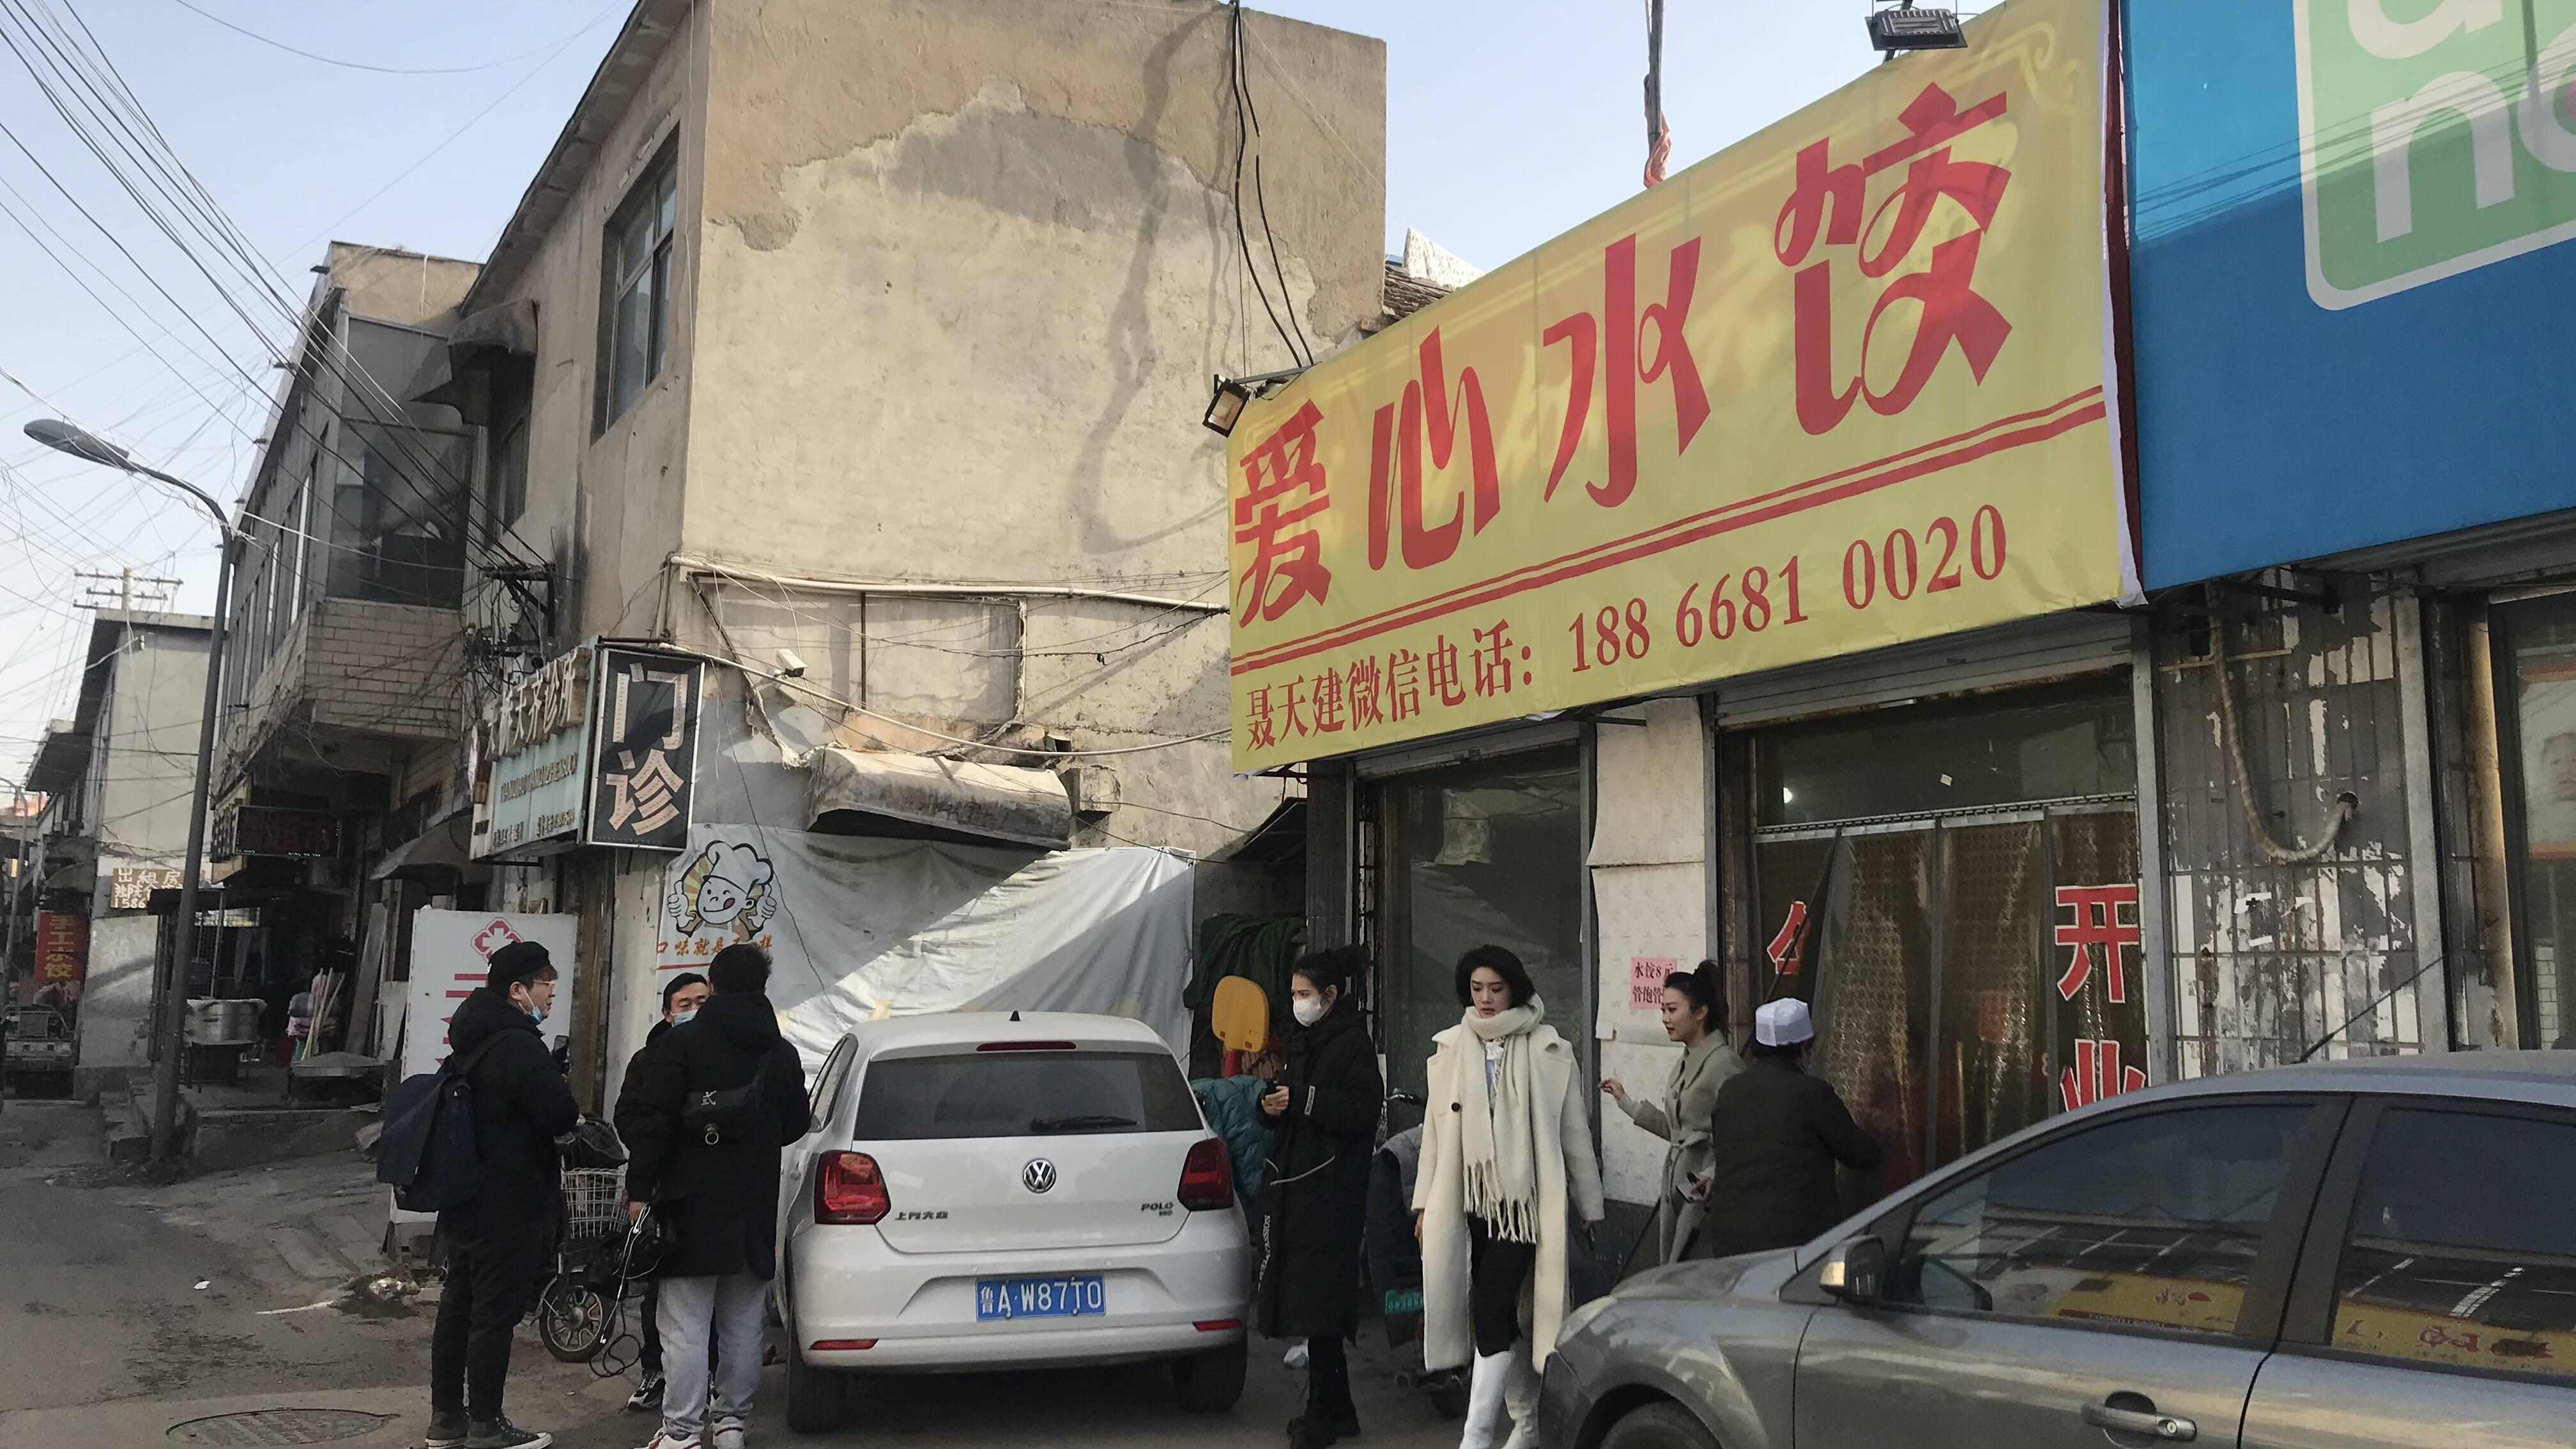 了不起的山东人 | 追踪:热心人士接力包水饺救六岁男孩  外卖平台帮忙接订单